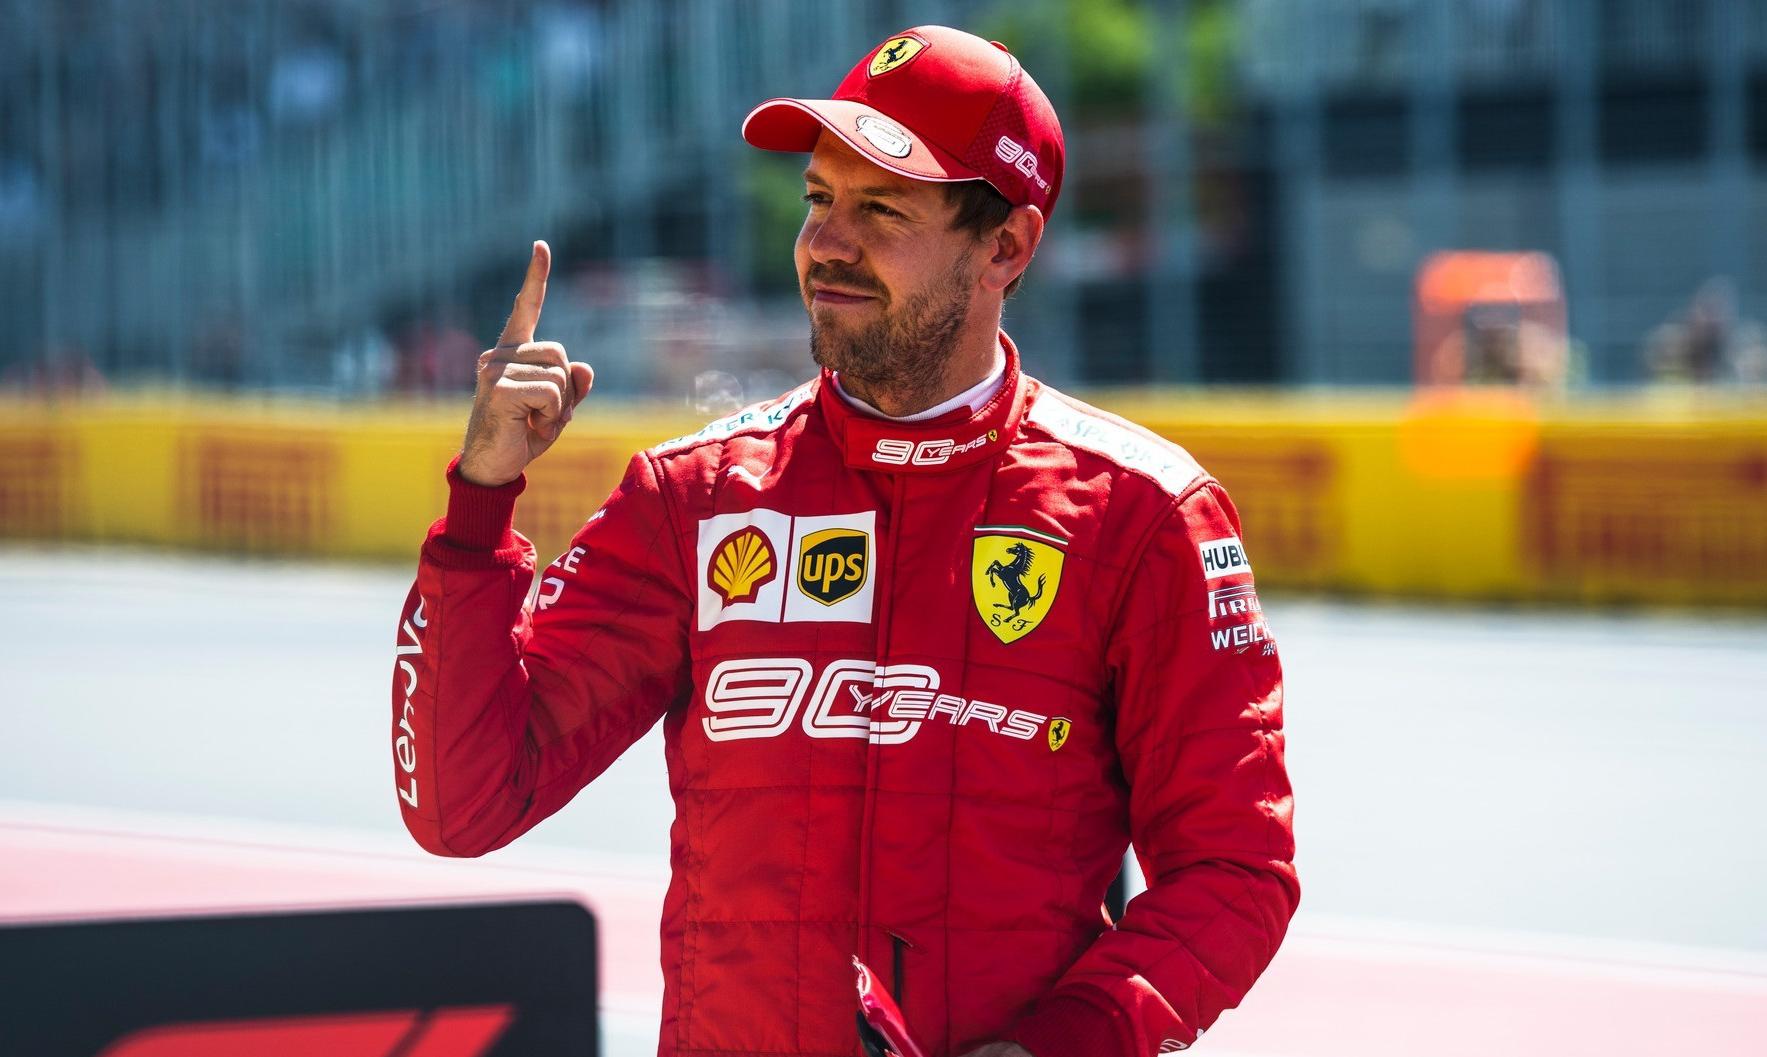 Il pilota del Venerdì: Sebastian Vettel